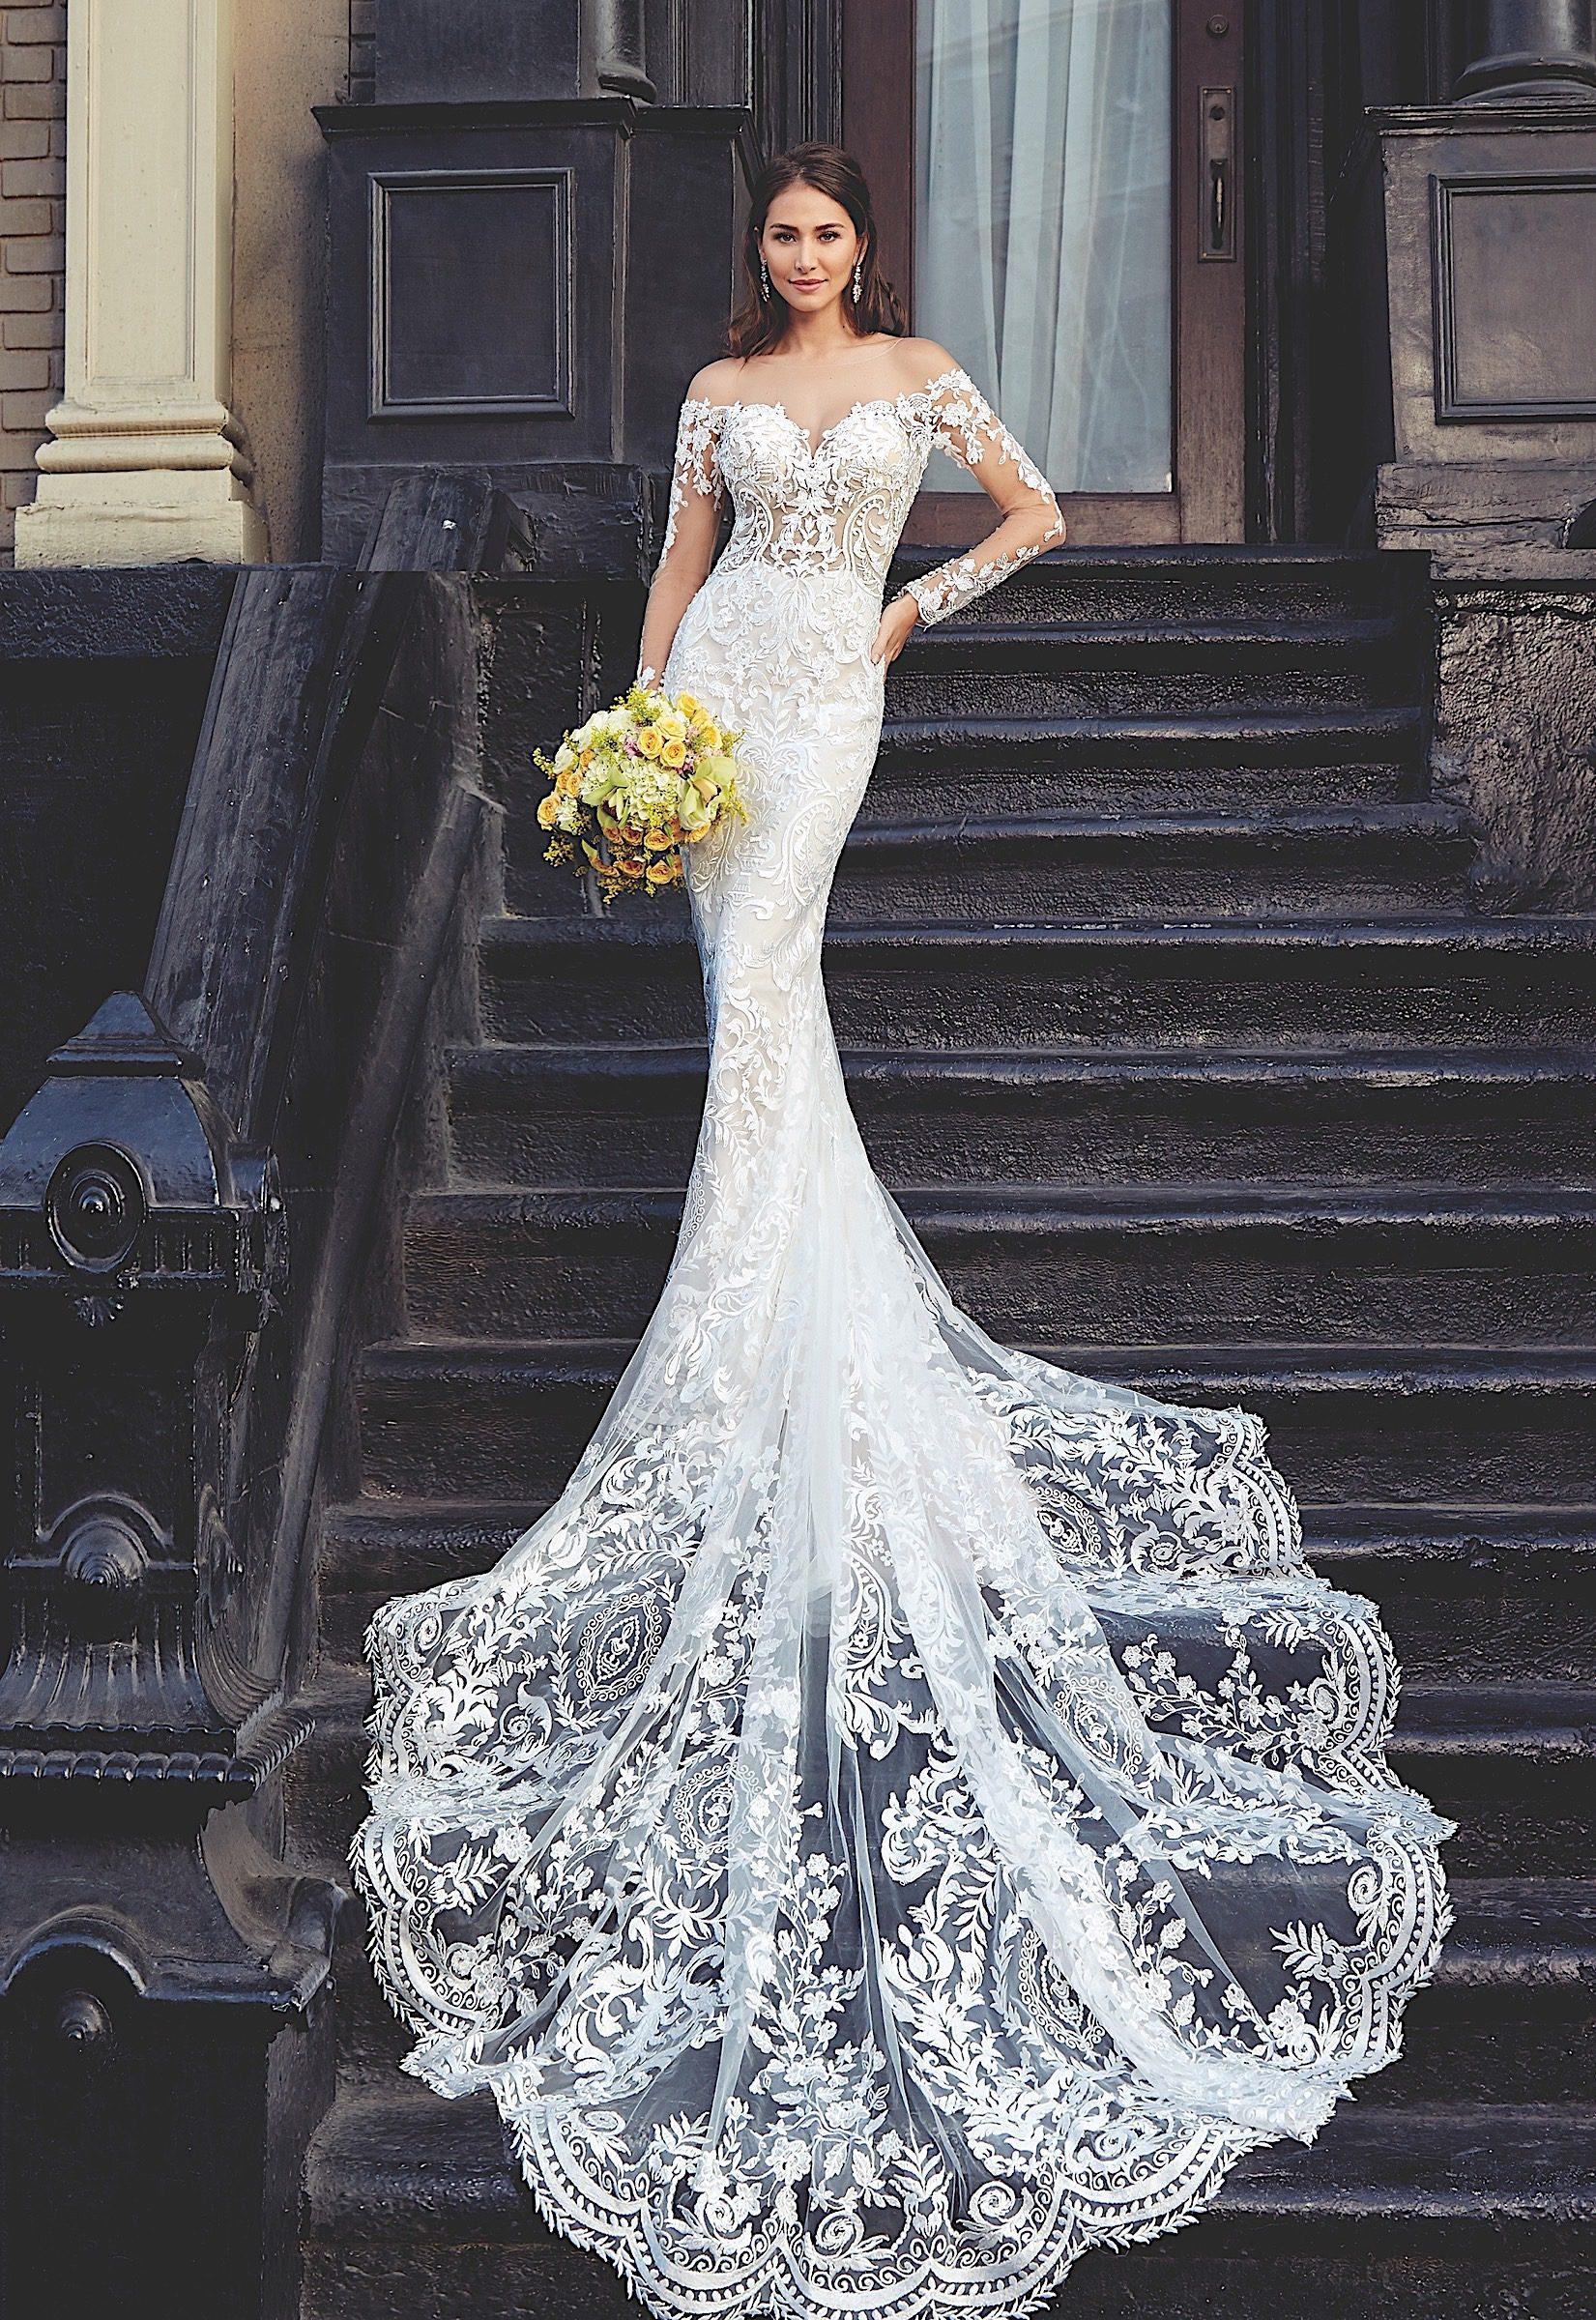 Designer Wedding Dresses in Brisbane,Bridal Gowns,Formal Dresses in ...